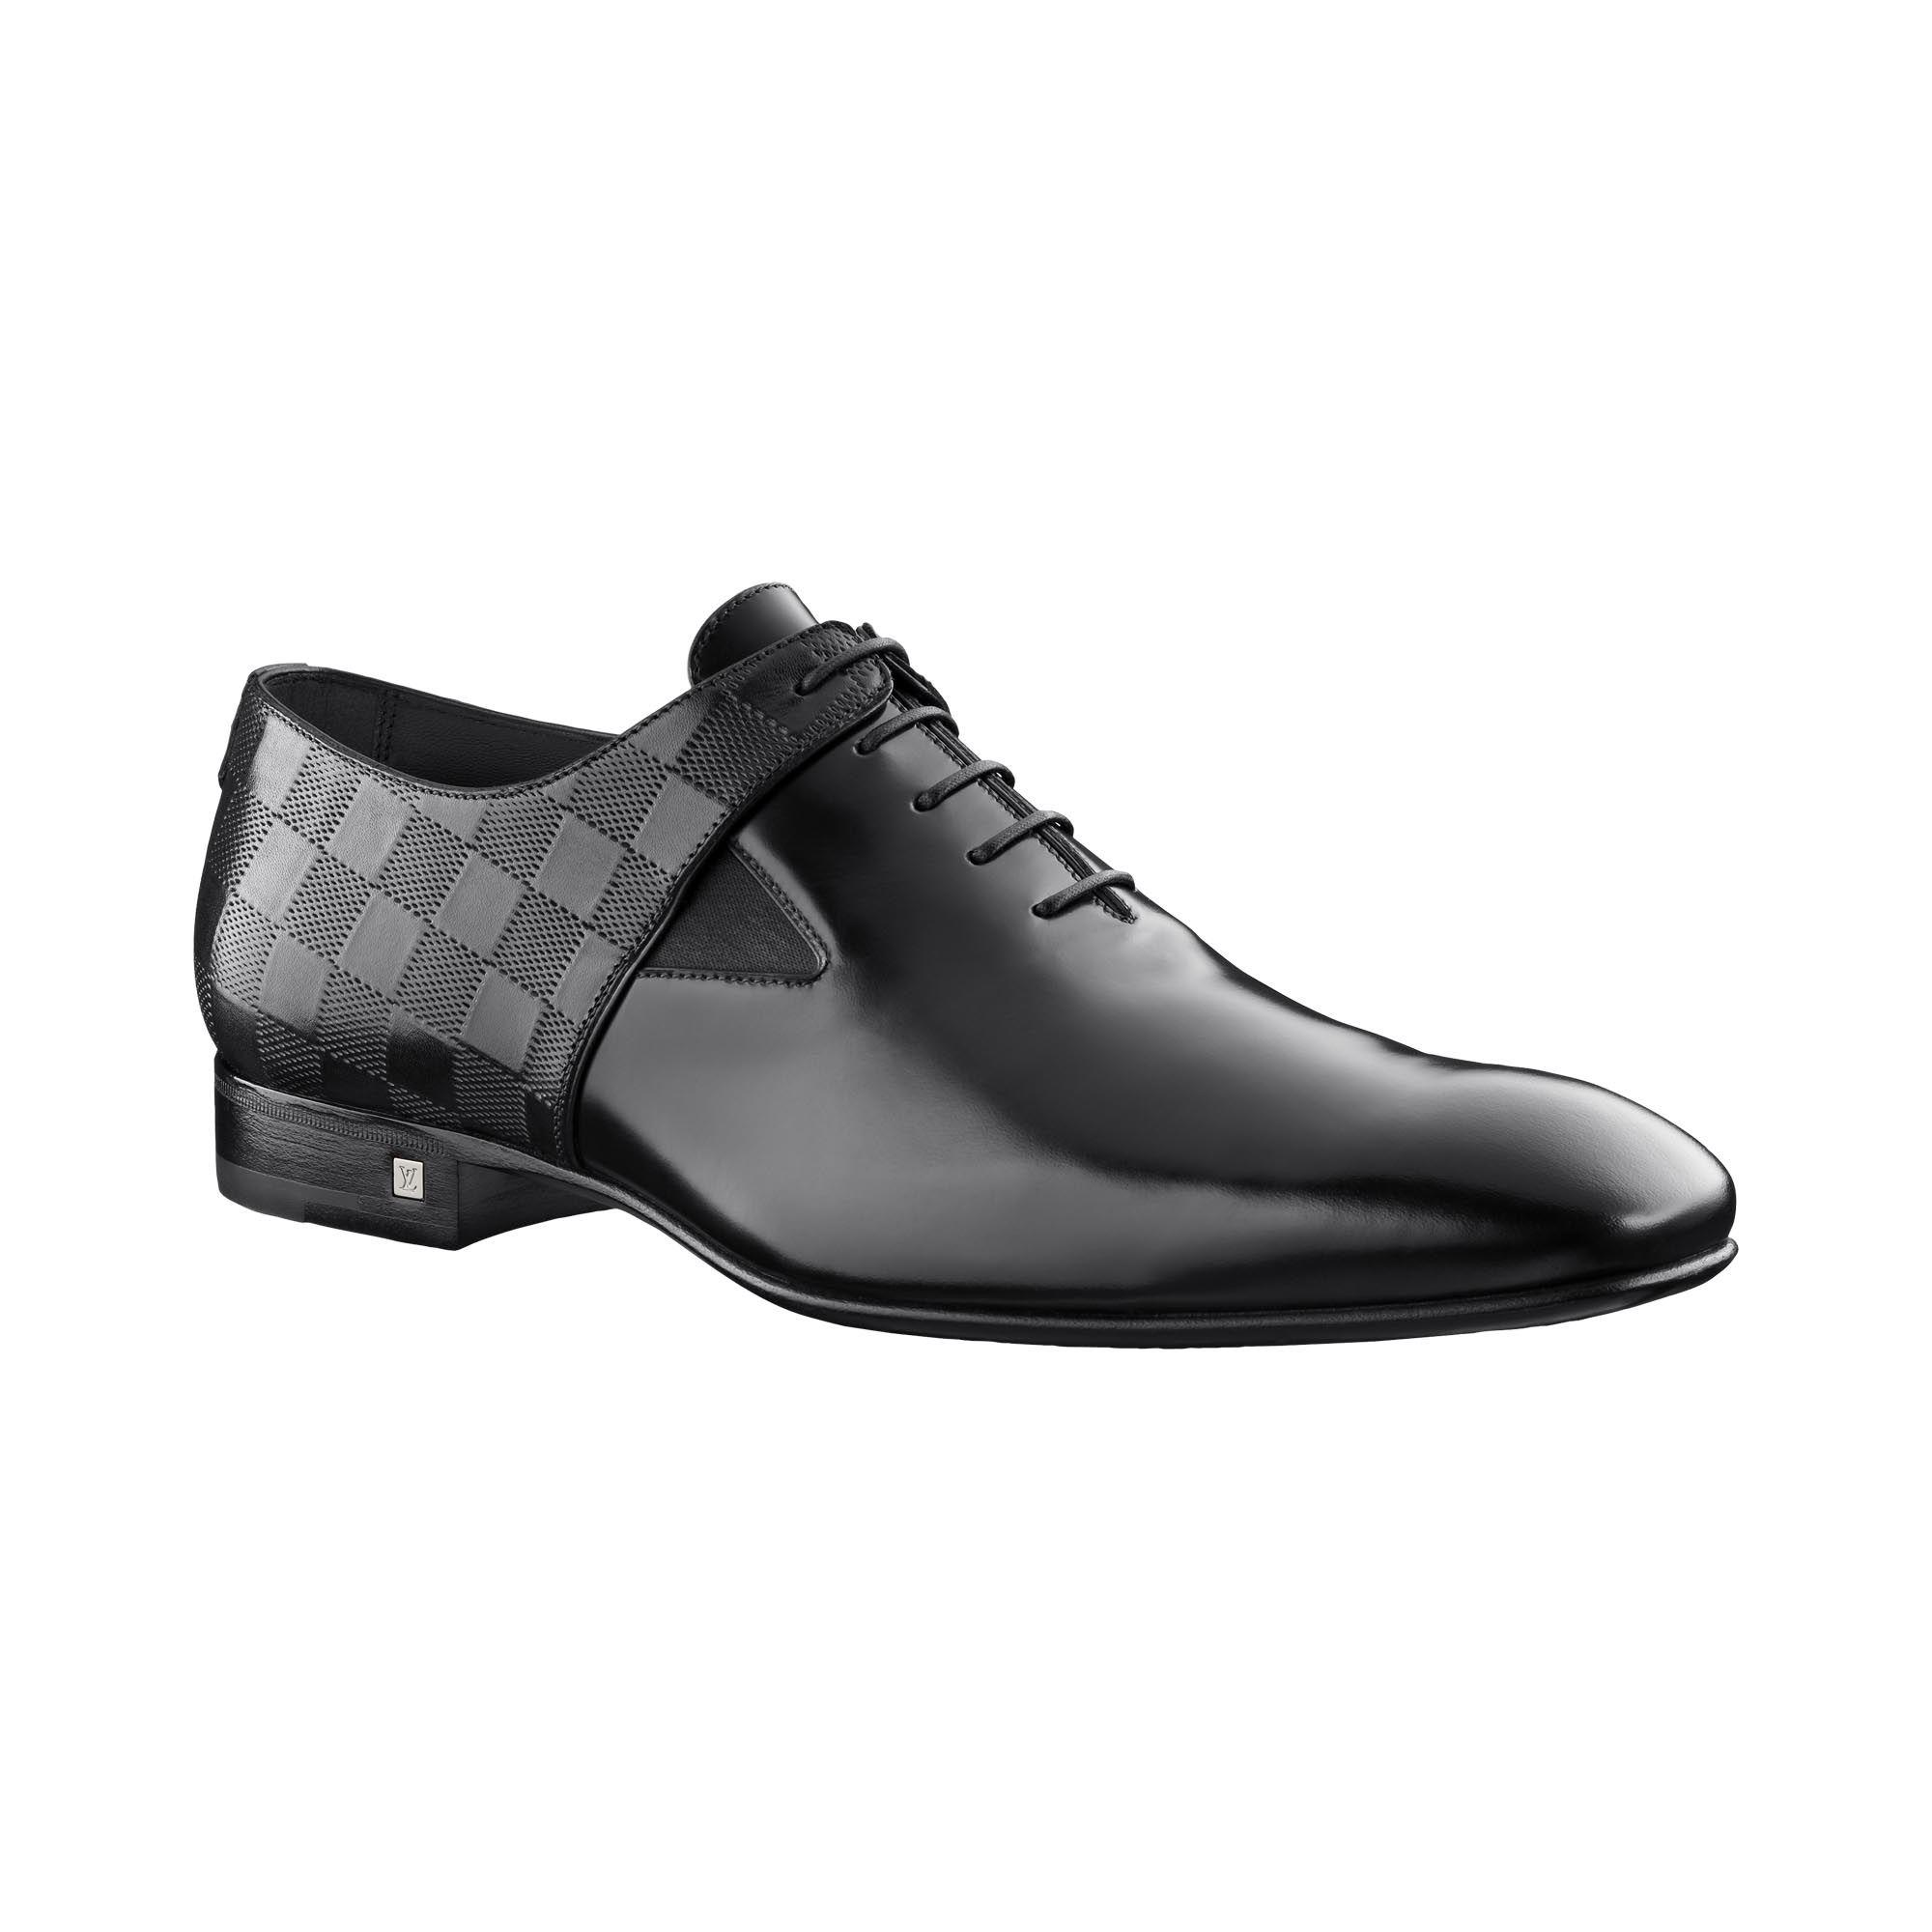 Louis Vuitton Cool Men's Shoes Men's shoes Pinterest